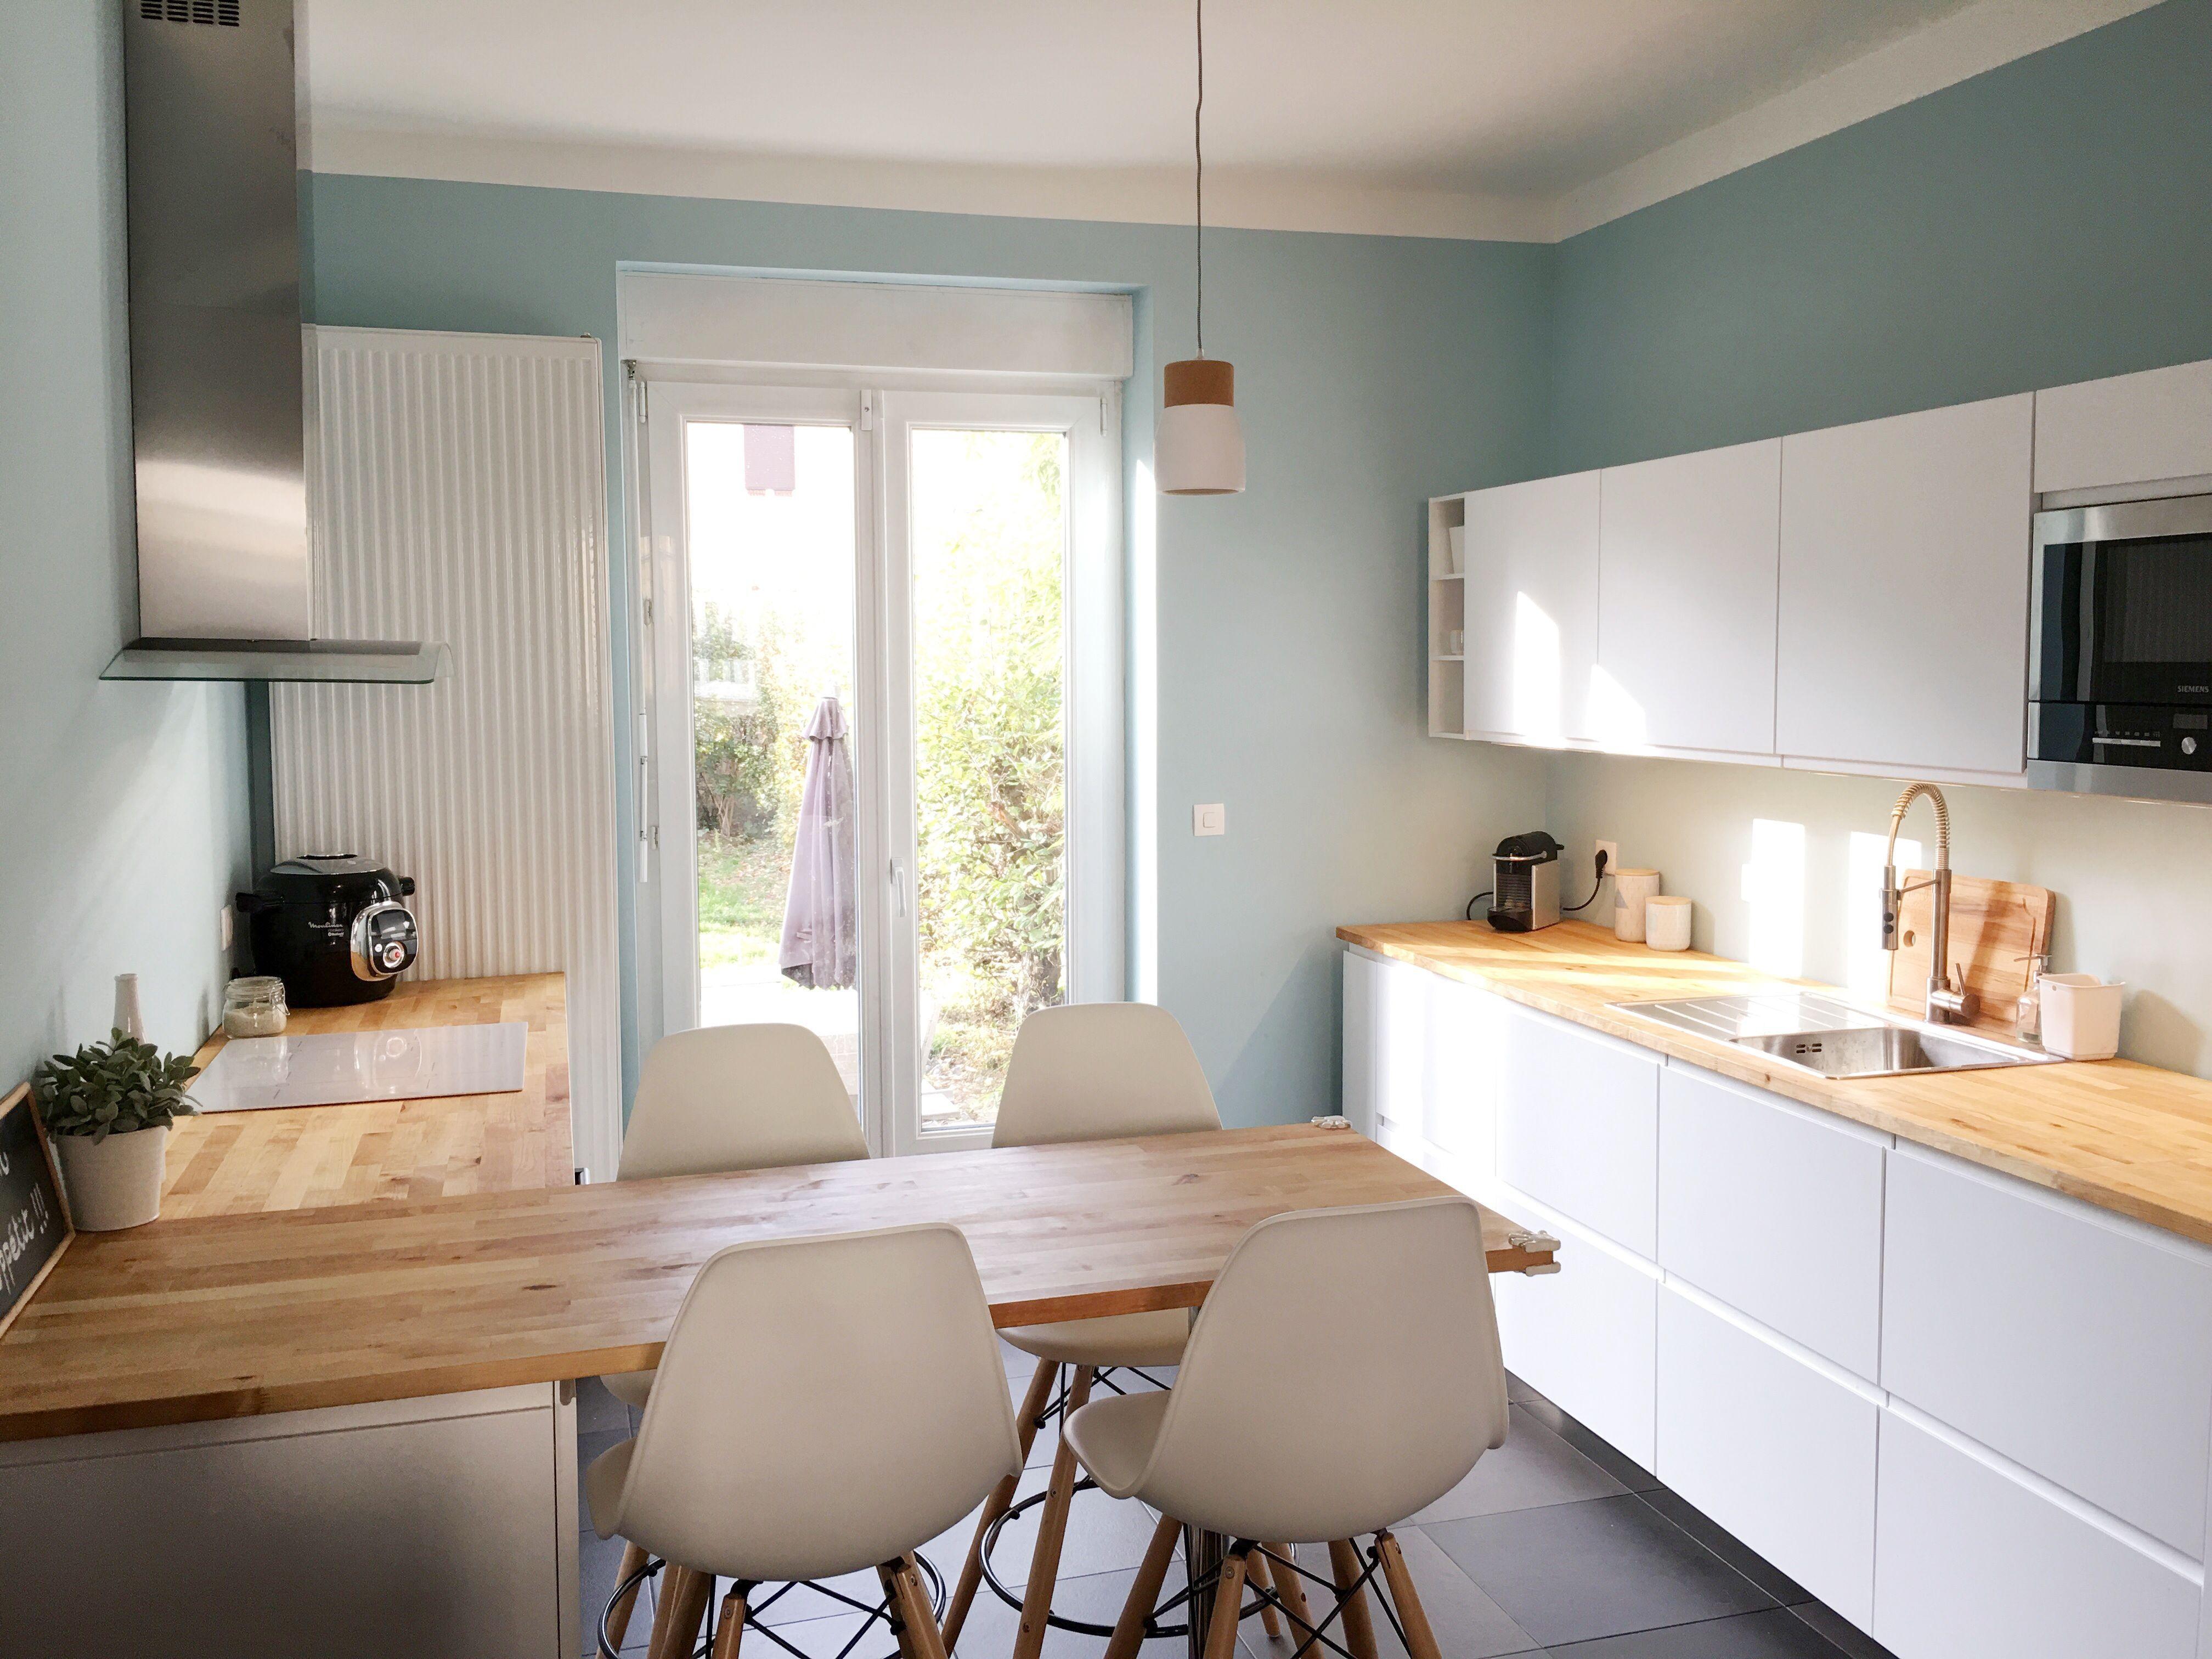 Epingle Par Emma Pi Sur Kuchyne Cuisine Ikea Chaise Haute Cuisine Chaise Cuisine